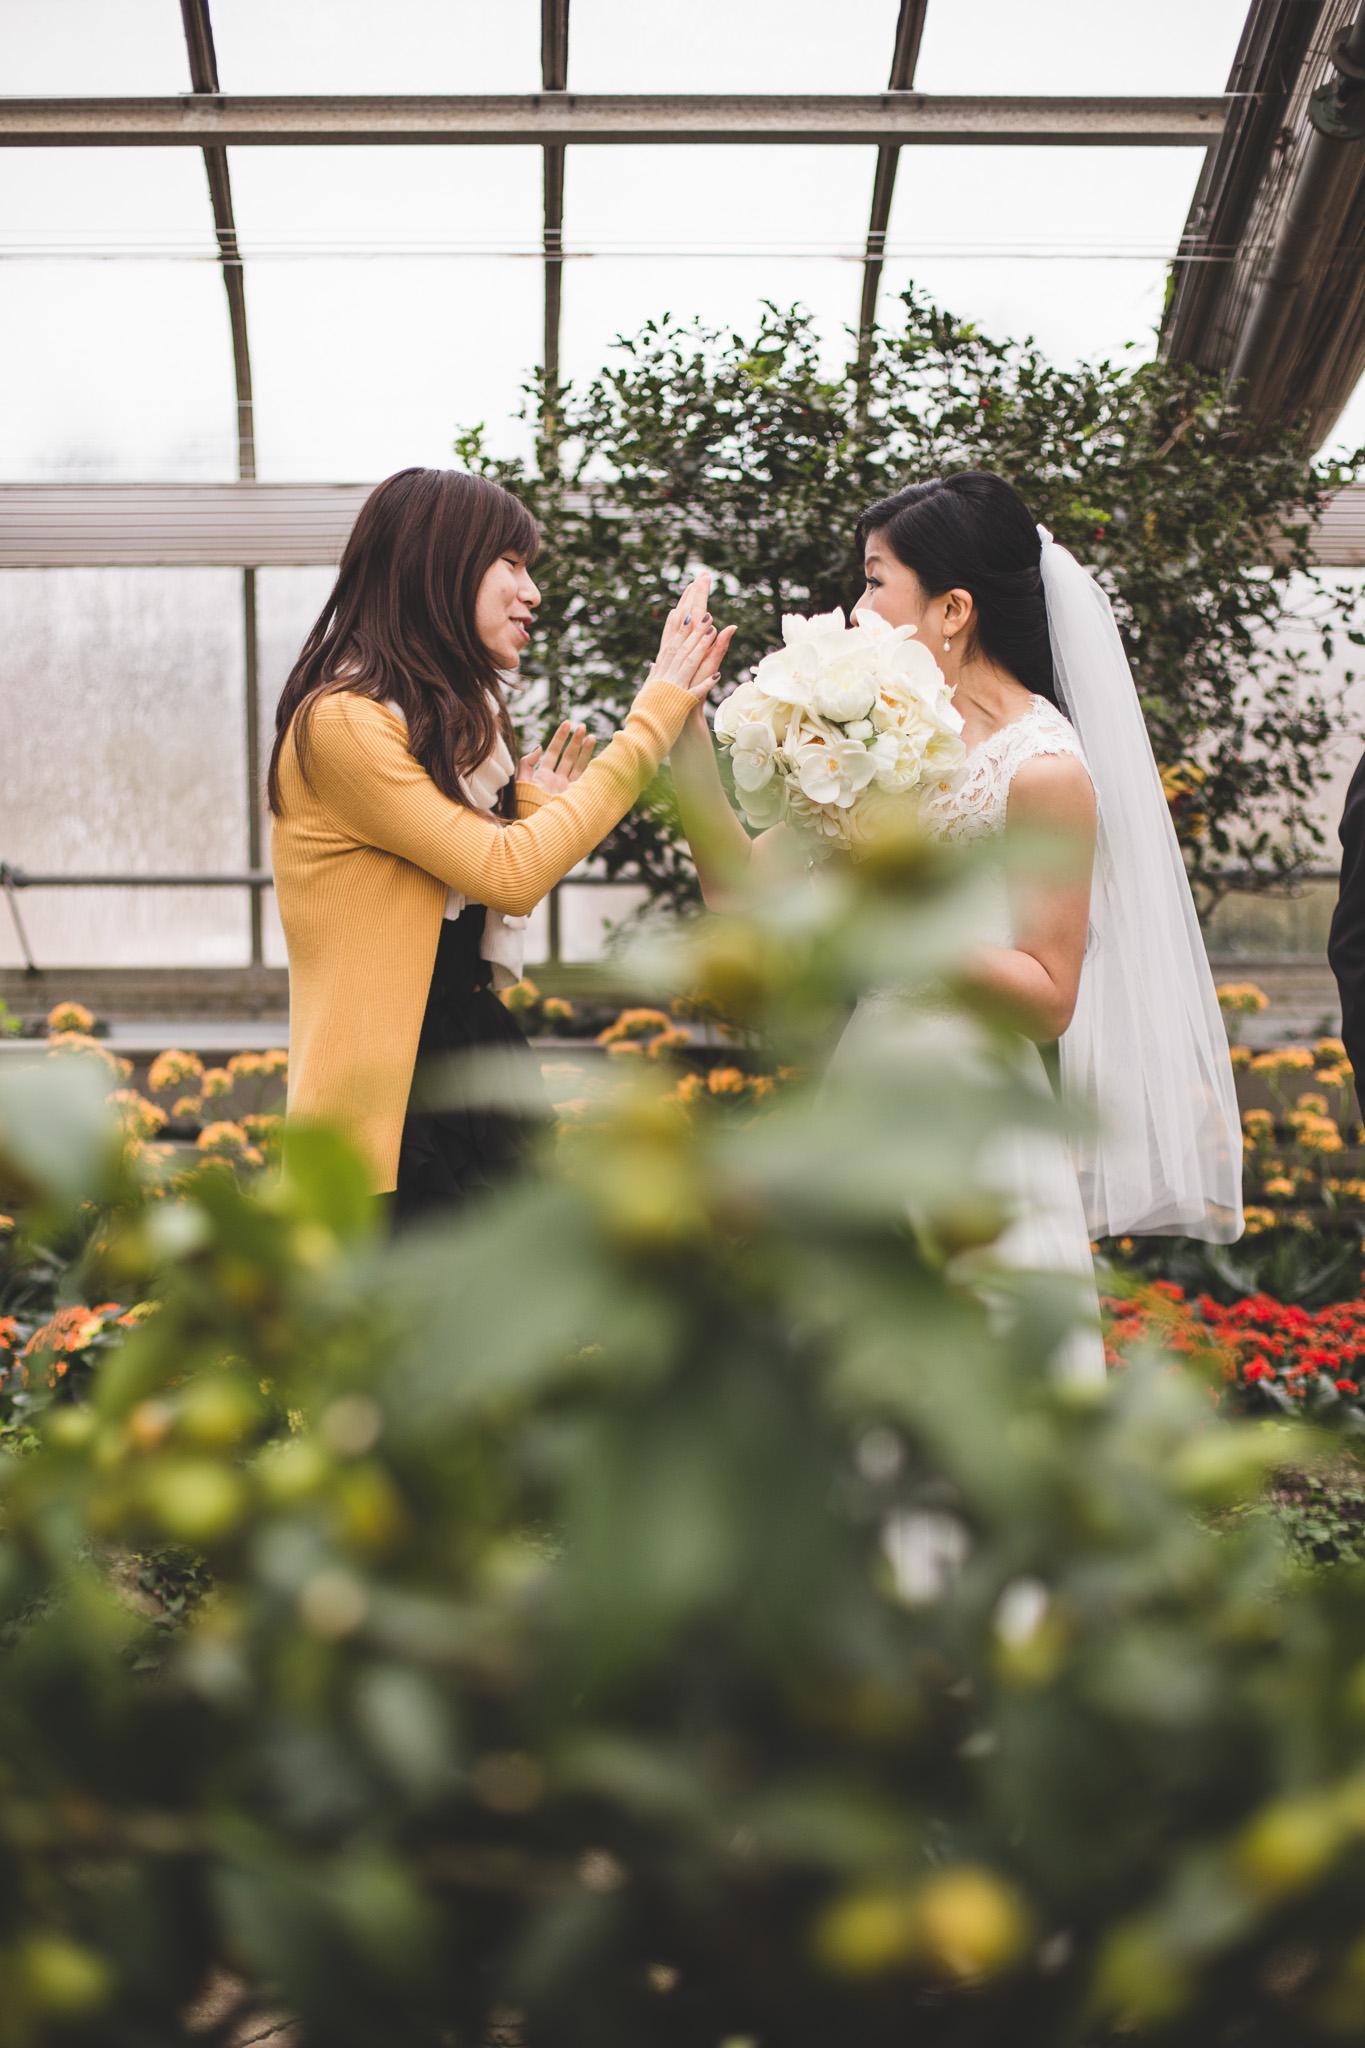 Lifestyle-Wedding-Photography-Ottawa